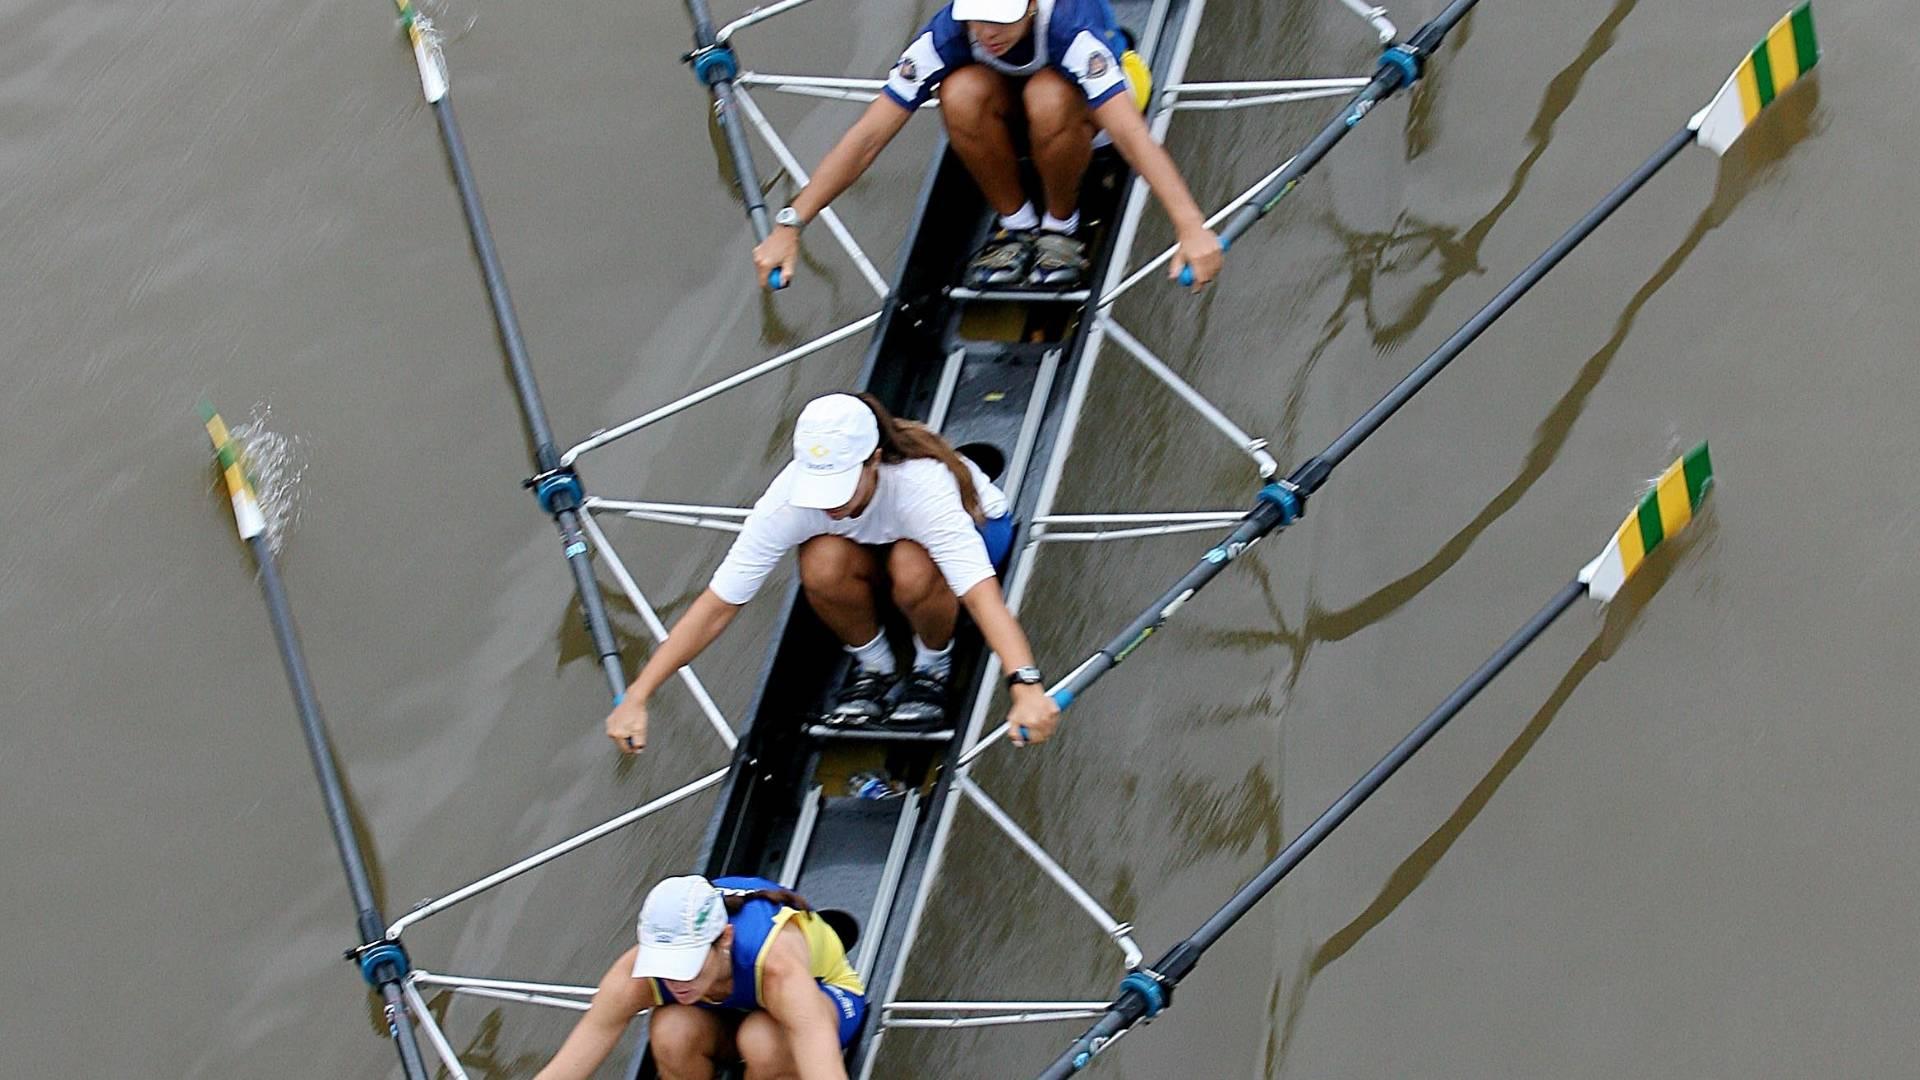 Fabiana Beltrame, Moniva Anversa, Renata Gorgen e Kissya Cataldo disputam seletiva para o Pan de 2007